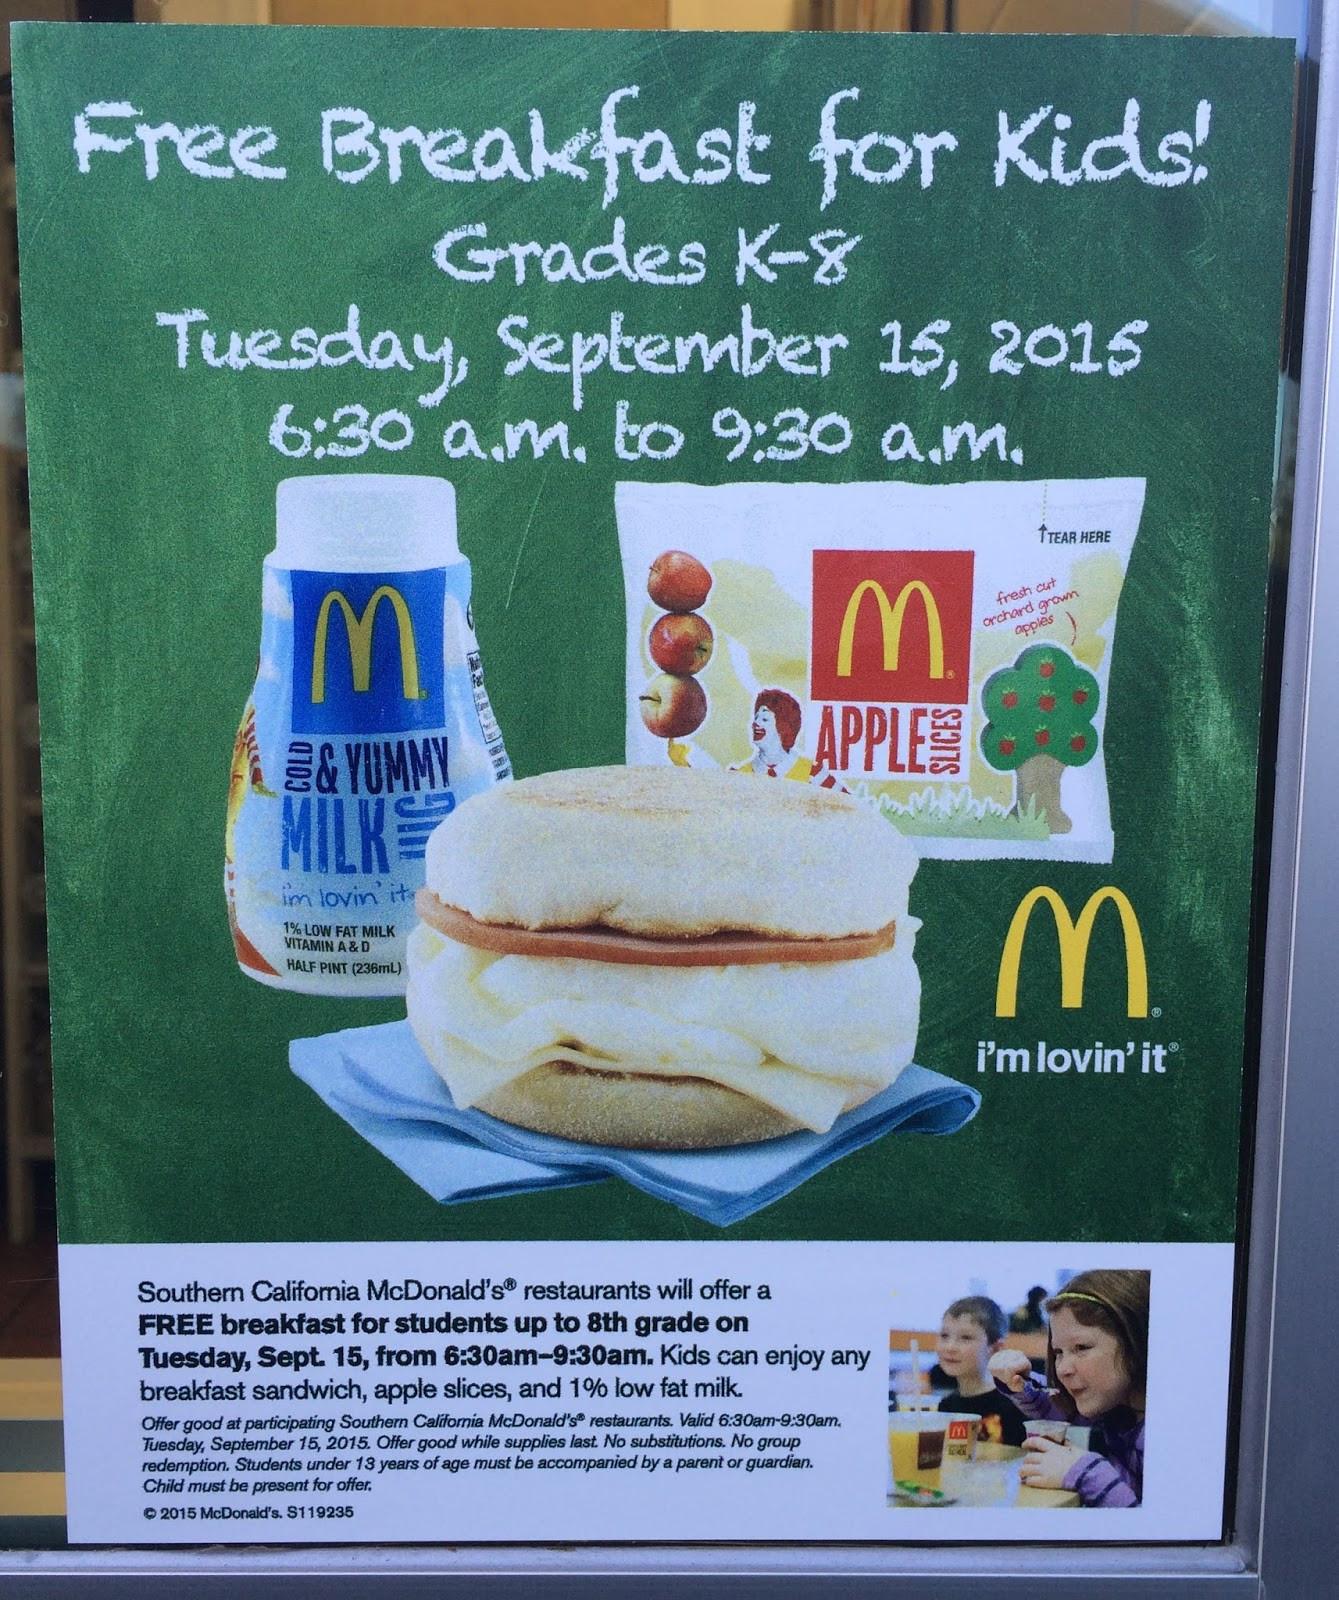 Free Breakfast For Kids  Montebello Mom Free Breakfast for Kids on 9 15 McDonalds